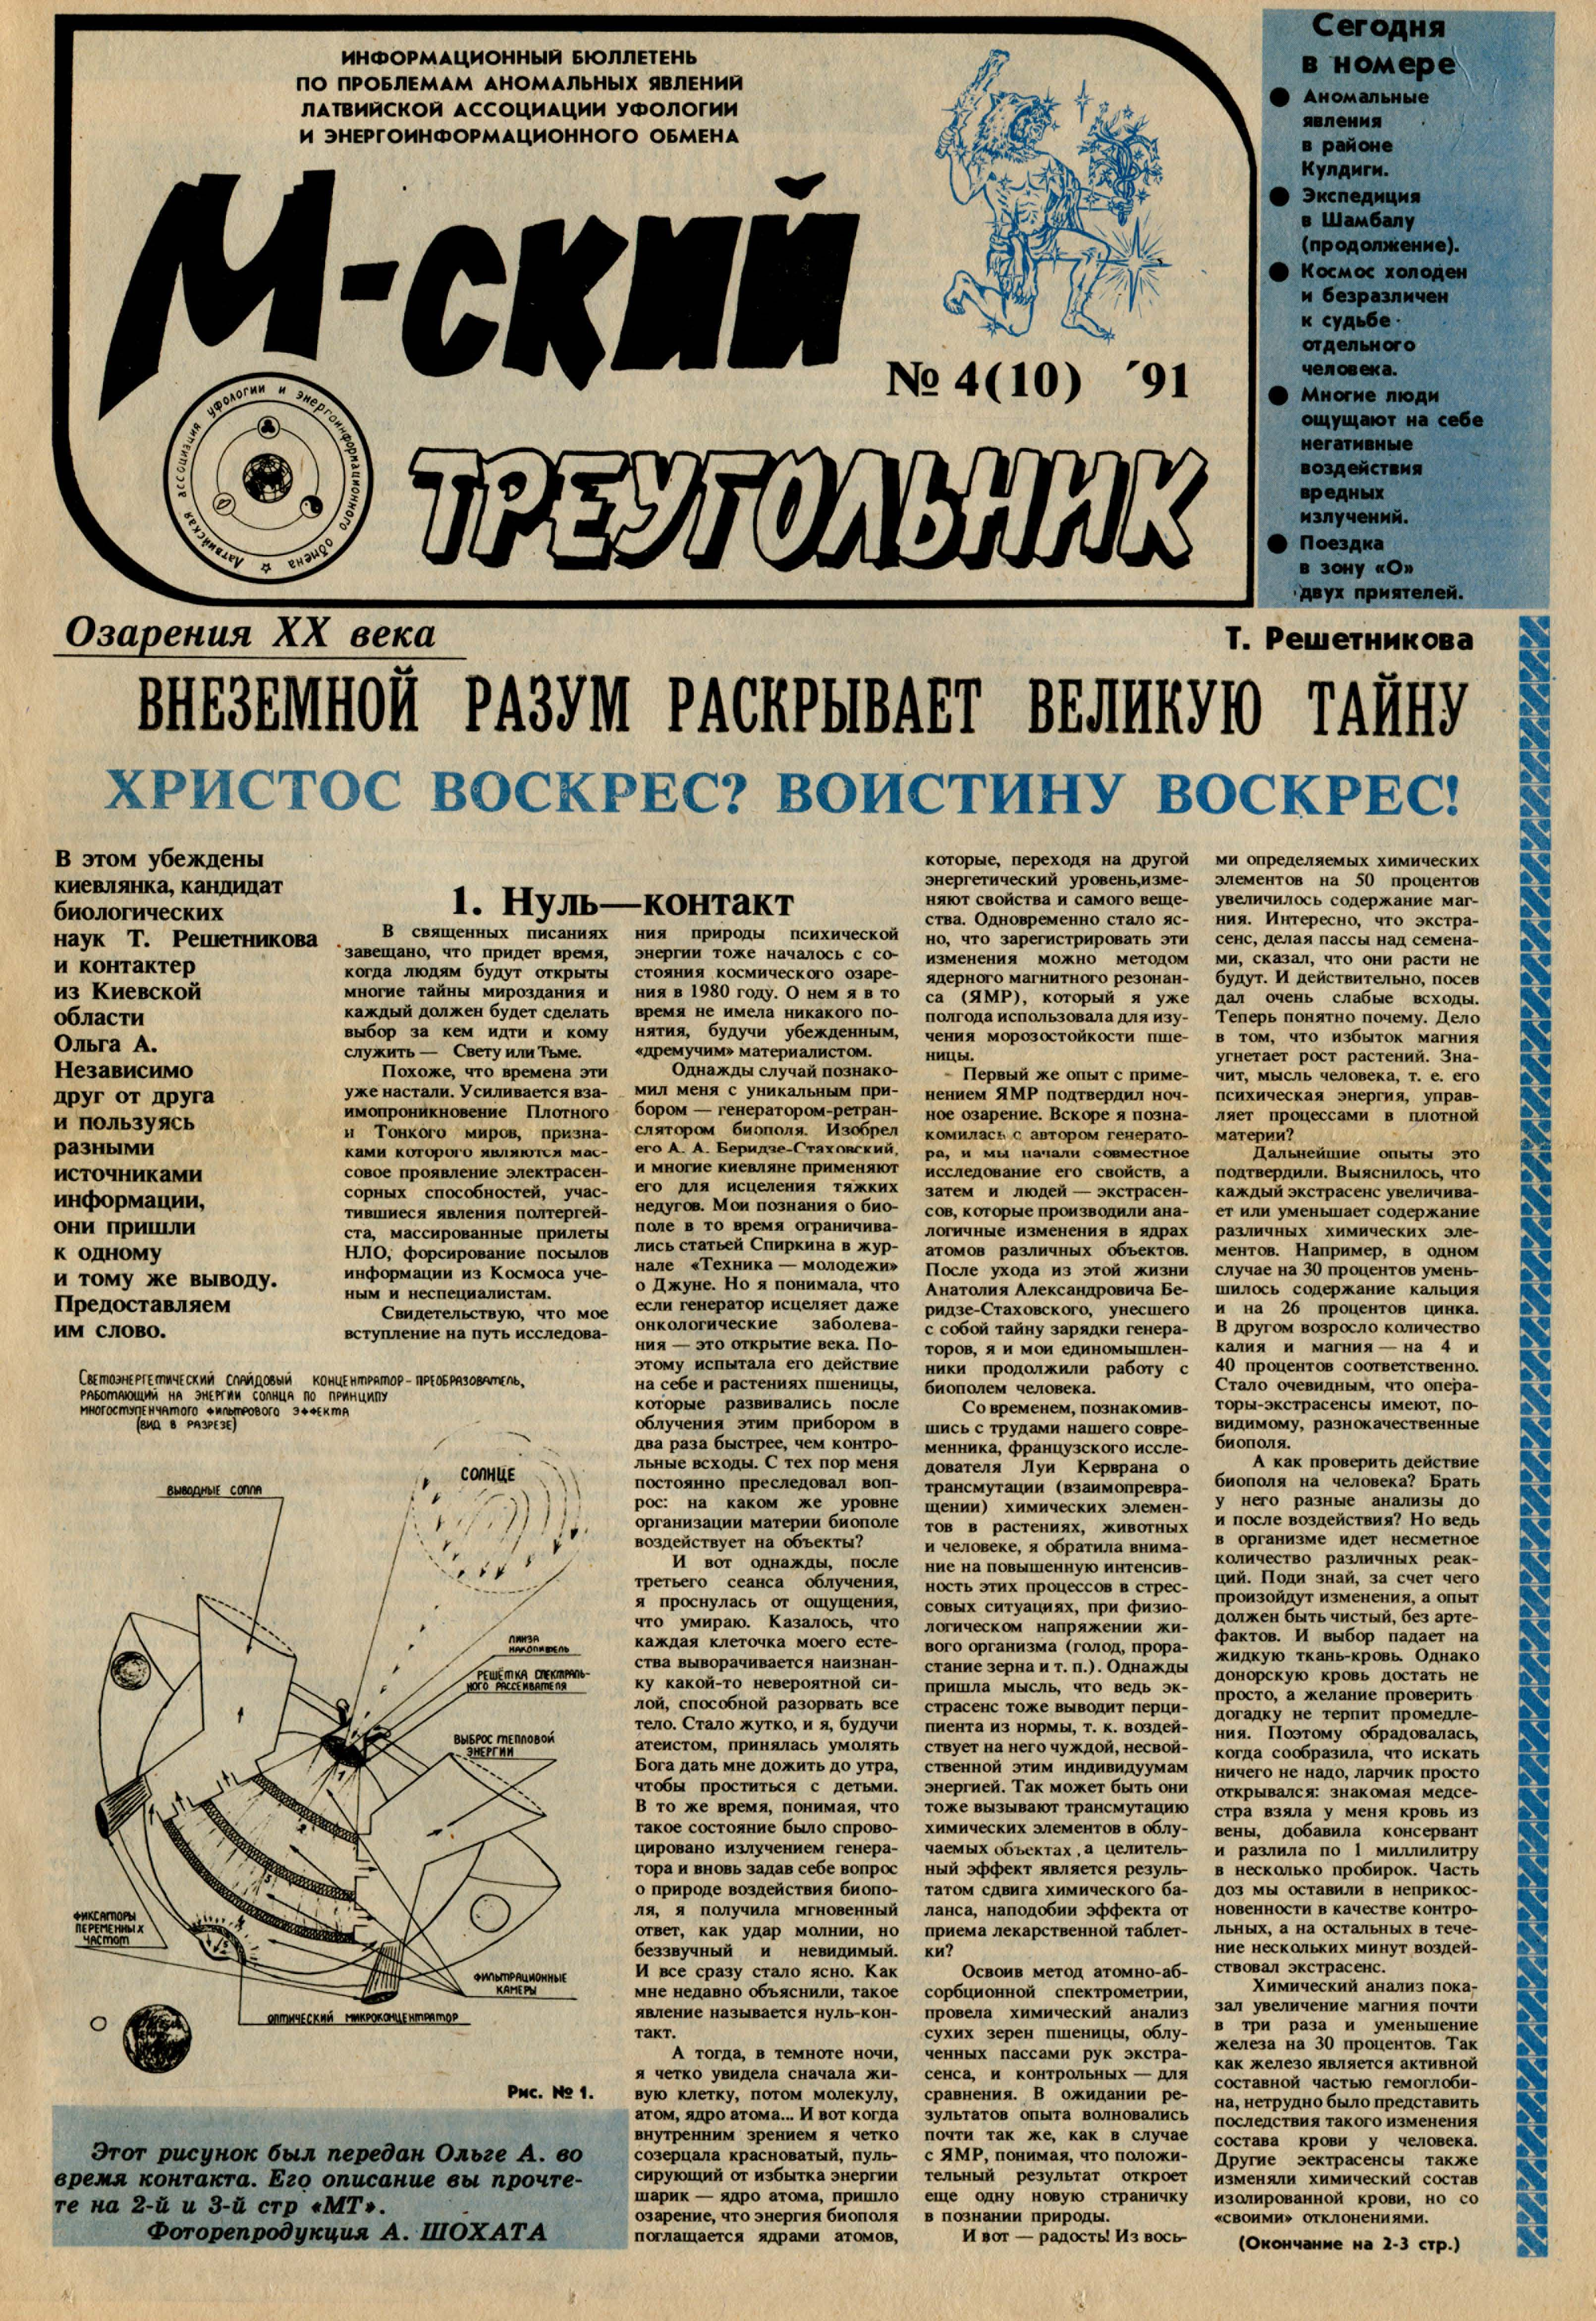 М-ский треугольник #10 (04-1991)_Страница_01.jpg